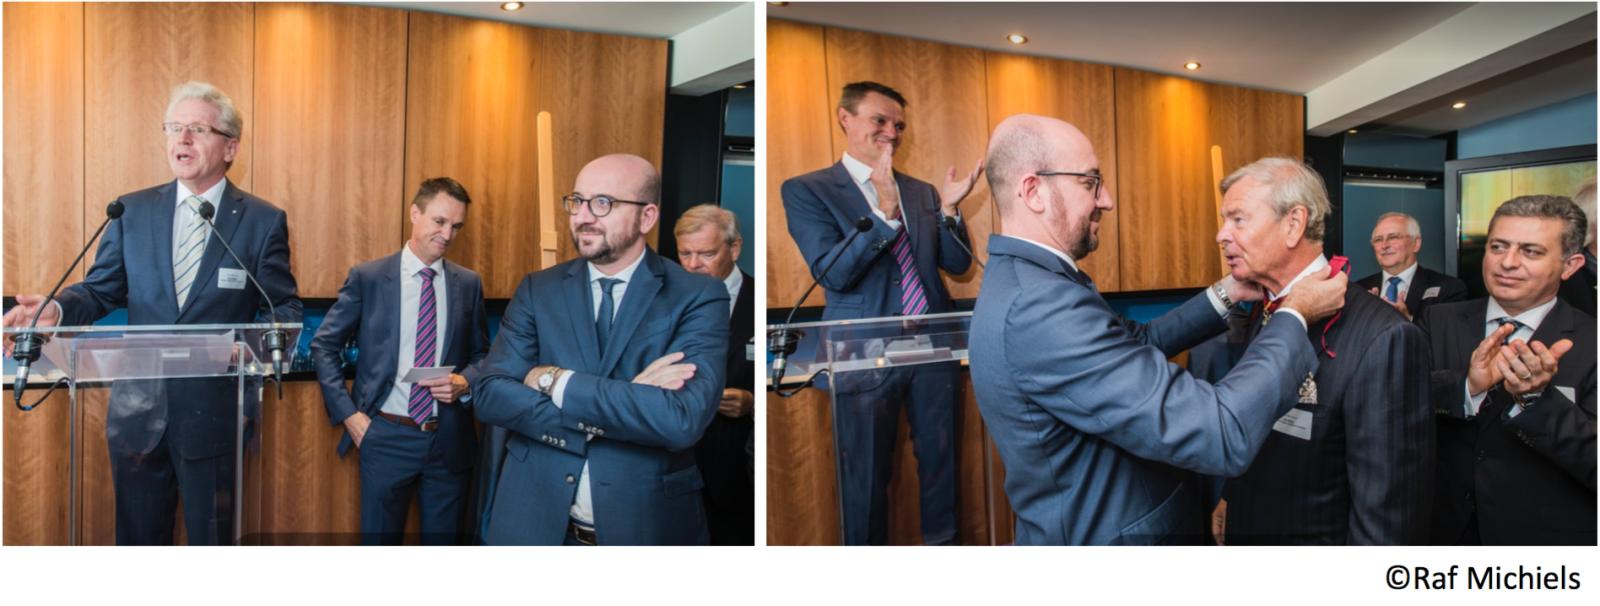 belgian-chambers-inauguration_2016-1